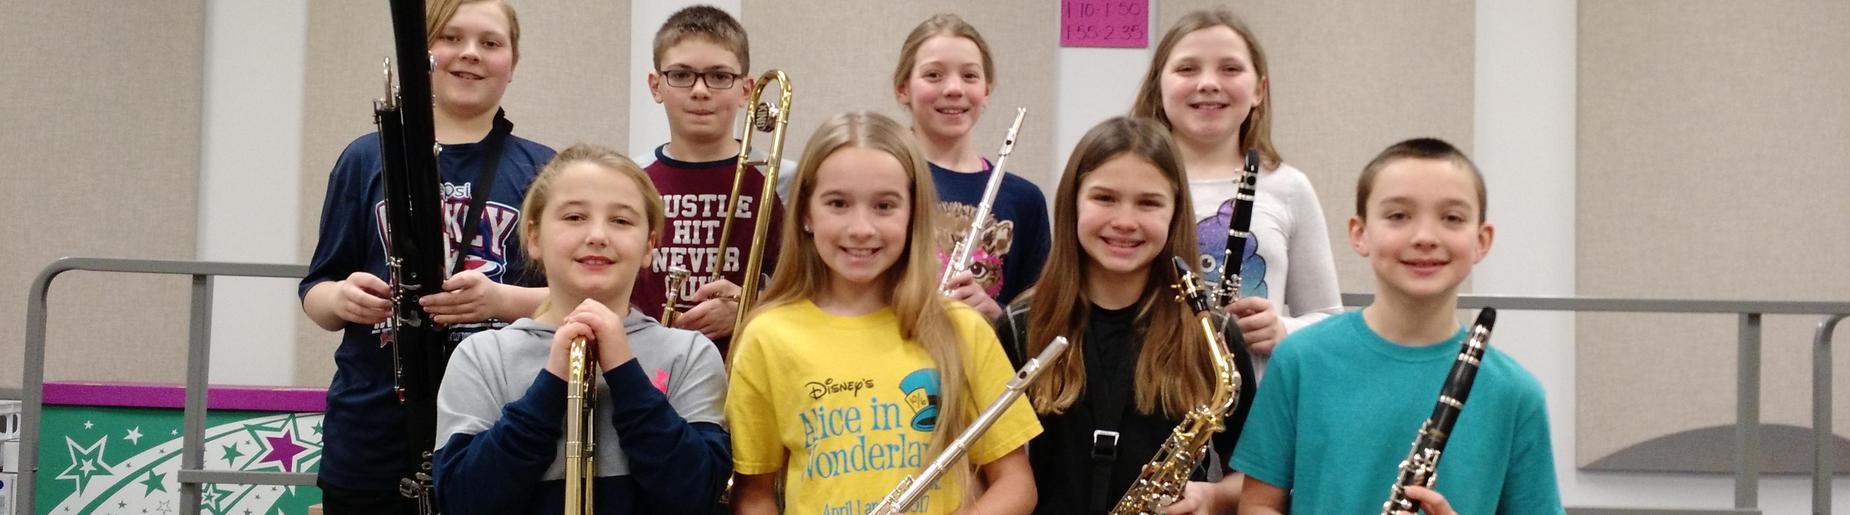 5th grade solo festival